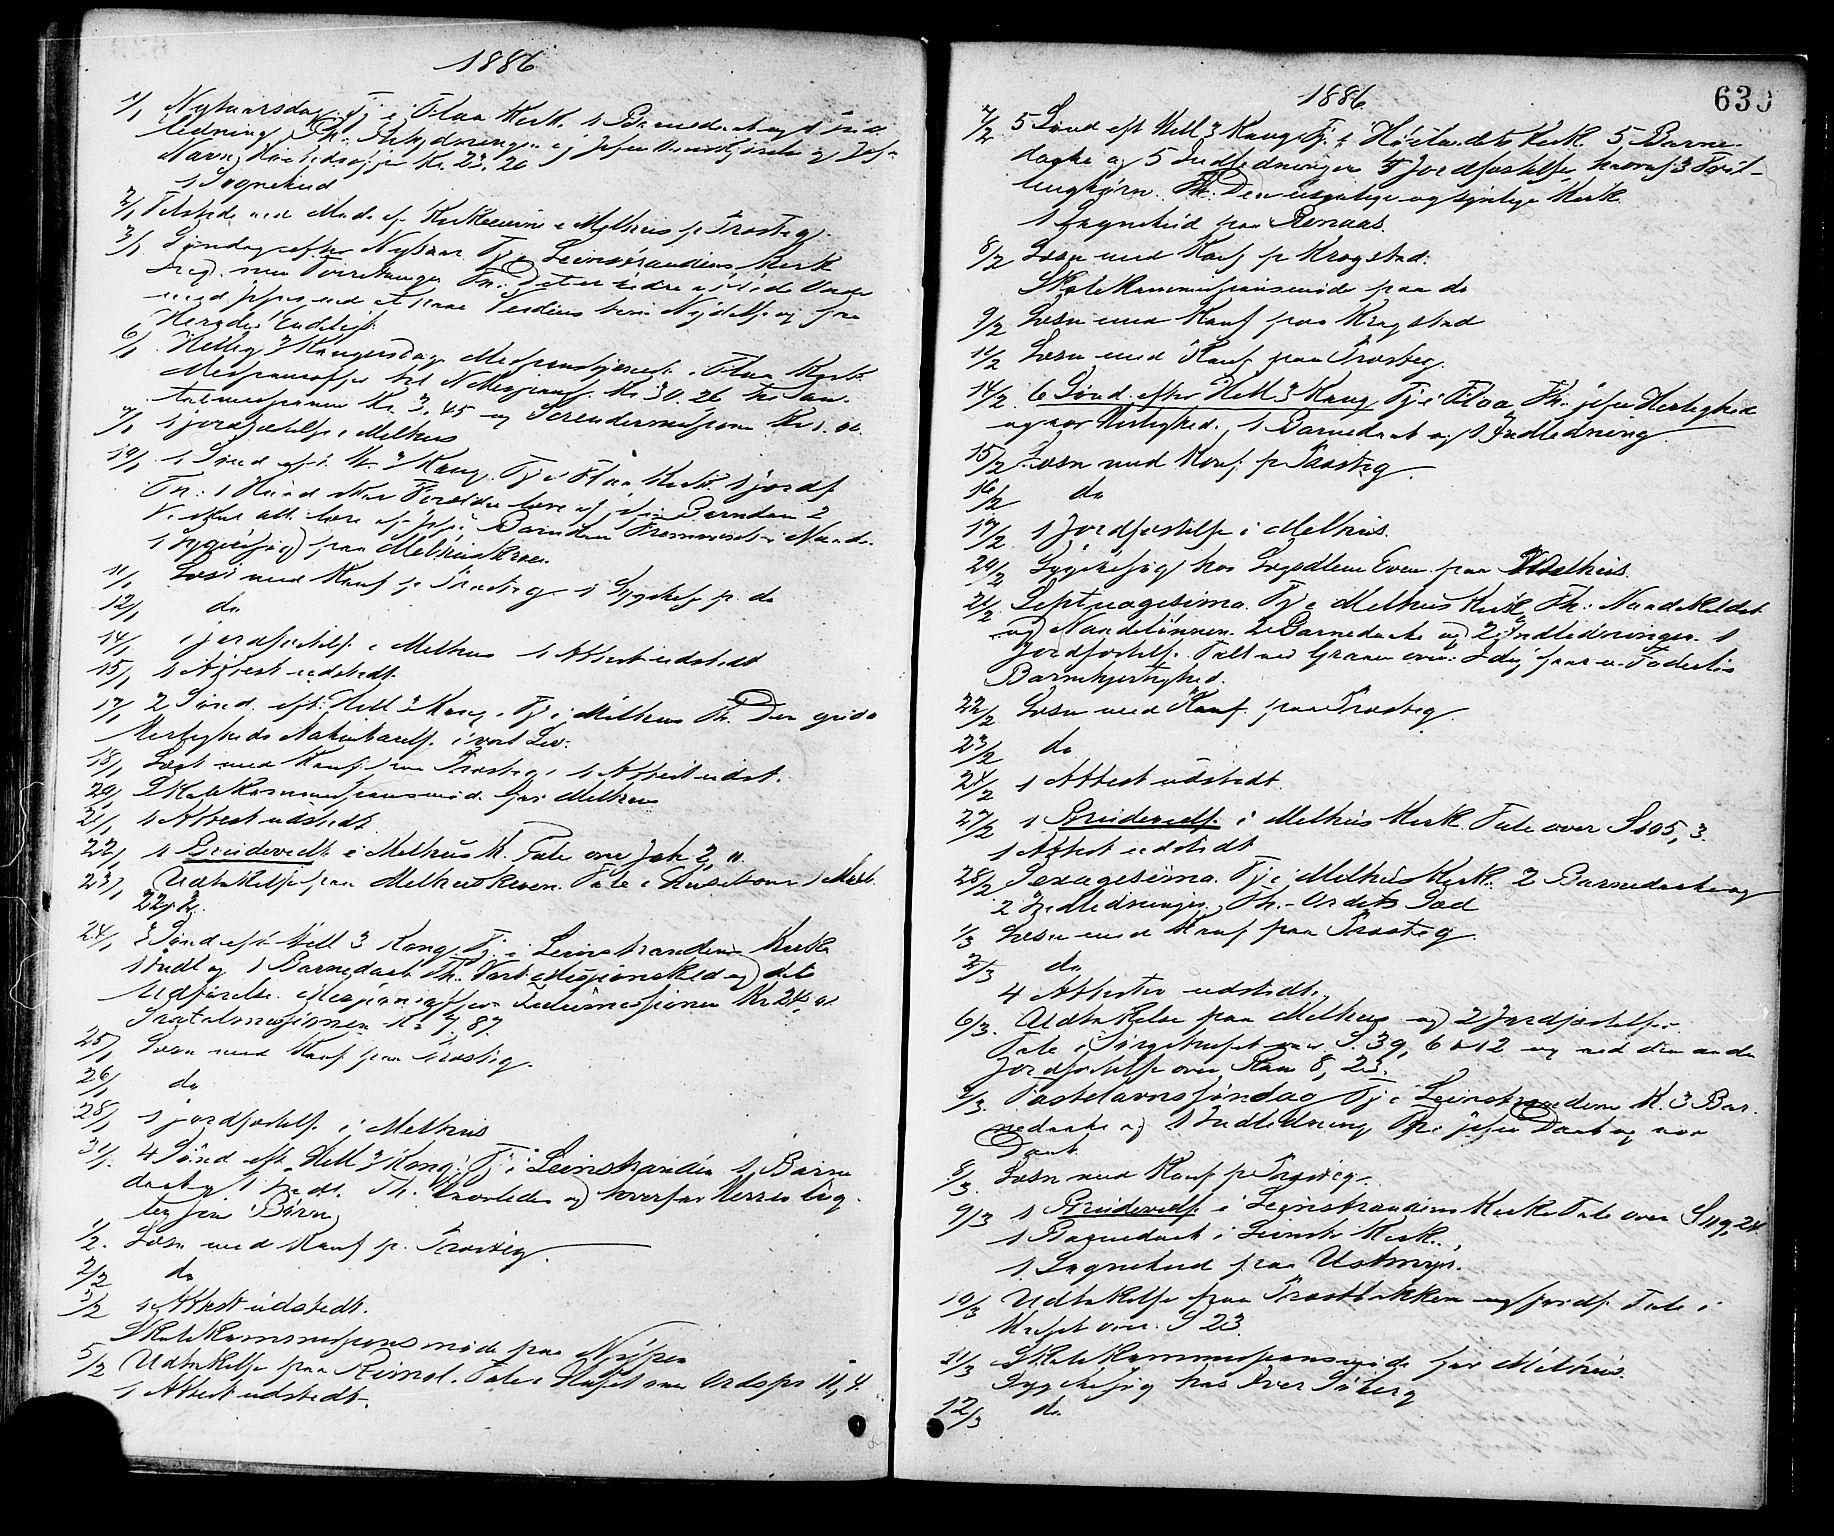 SAT, Ministerialprotokoller, klokkerbøker og fødselsregistre - Sør-Trøndelag, 691/L1079: Ministerialbok nr. 691A11, 1873-1886, s. 630